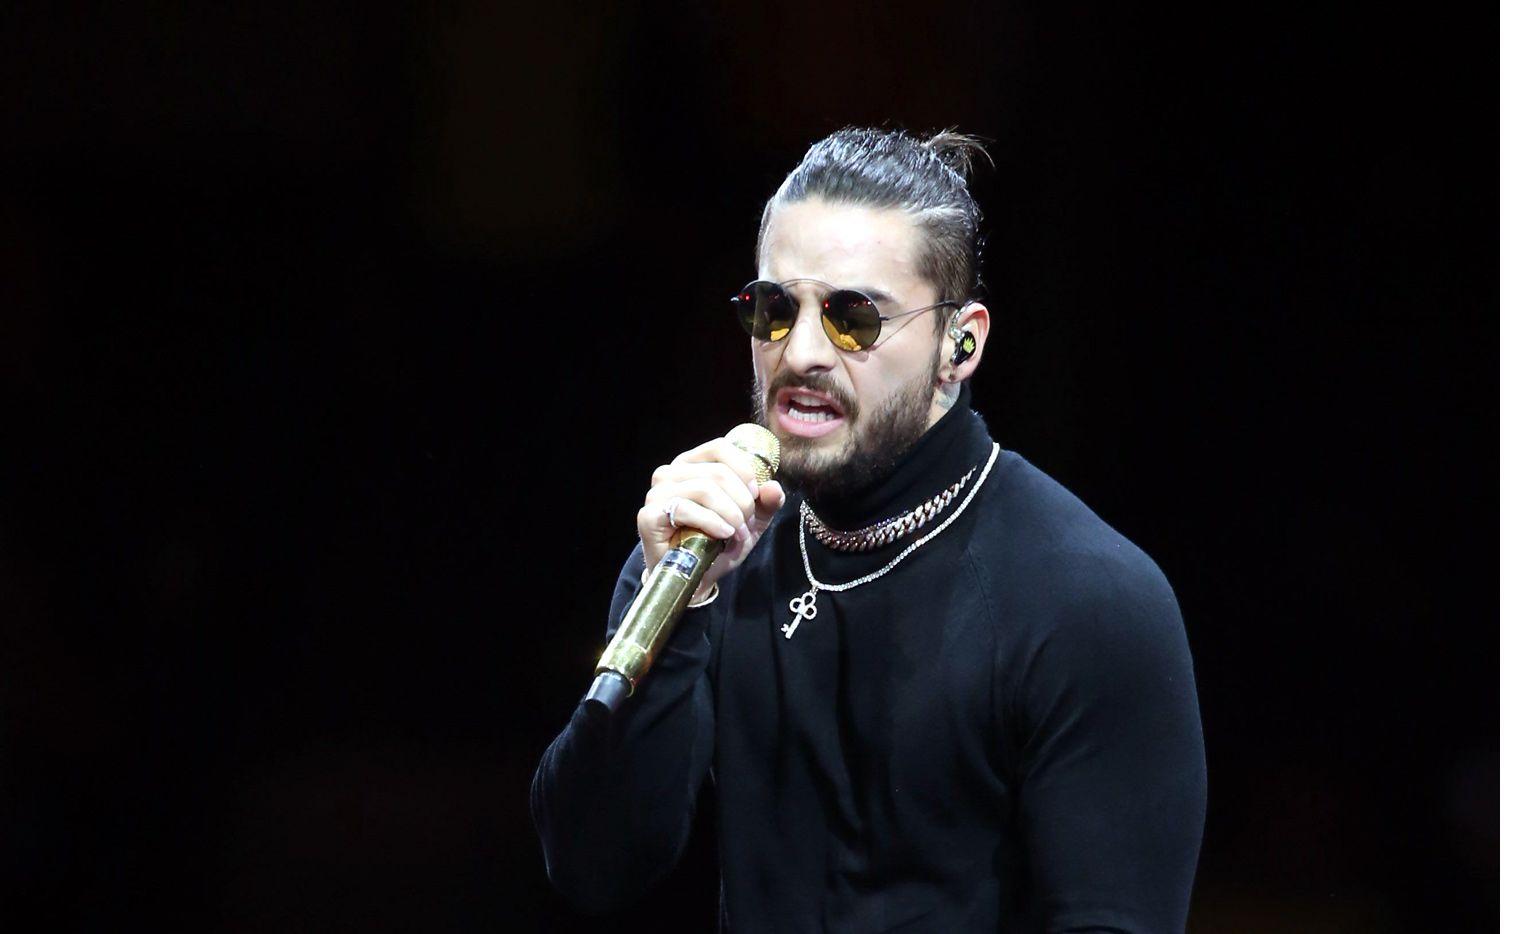 El intérprete de música urbana Maluma quedó tan maravillado con el reloj Cosmograph Daytona, que hasta se lo llevó puesto./ AGENCIA REFORMA